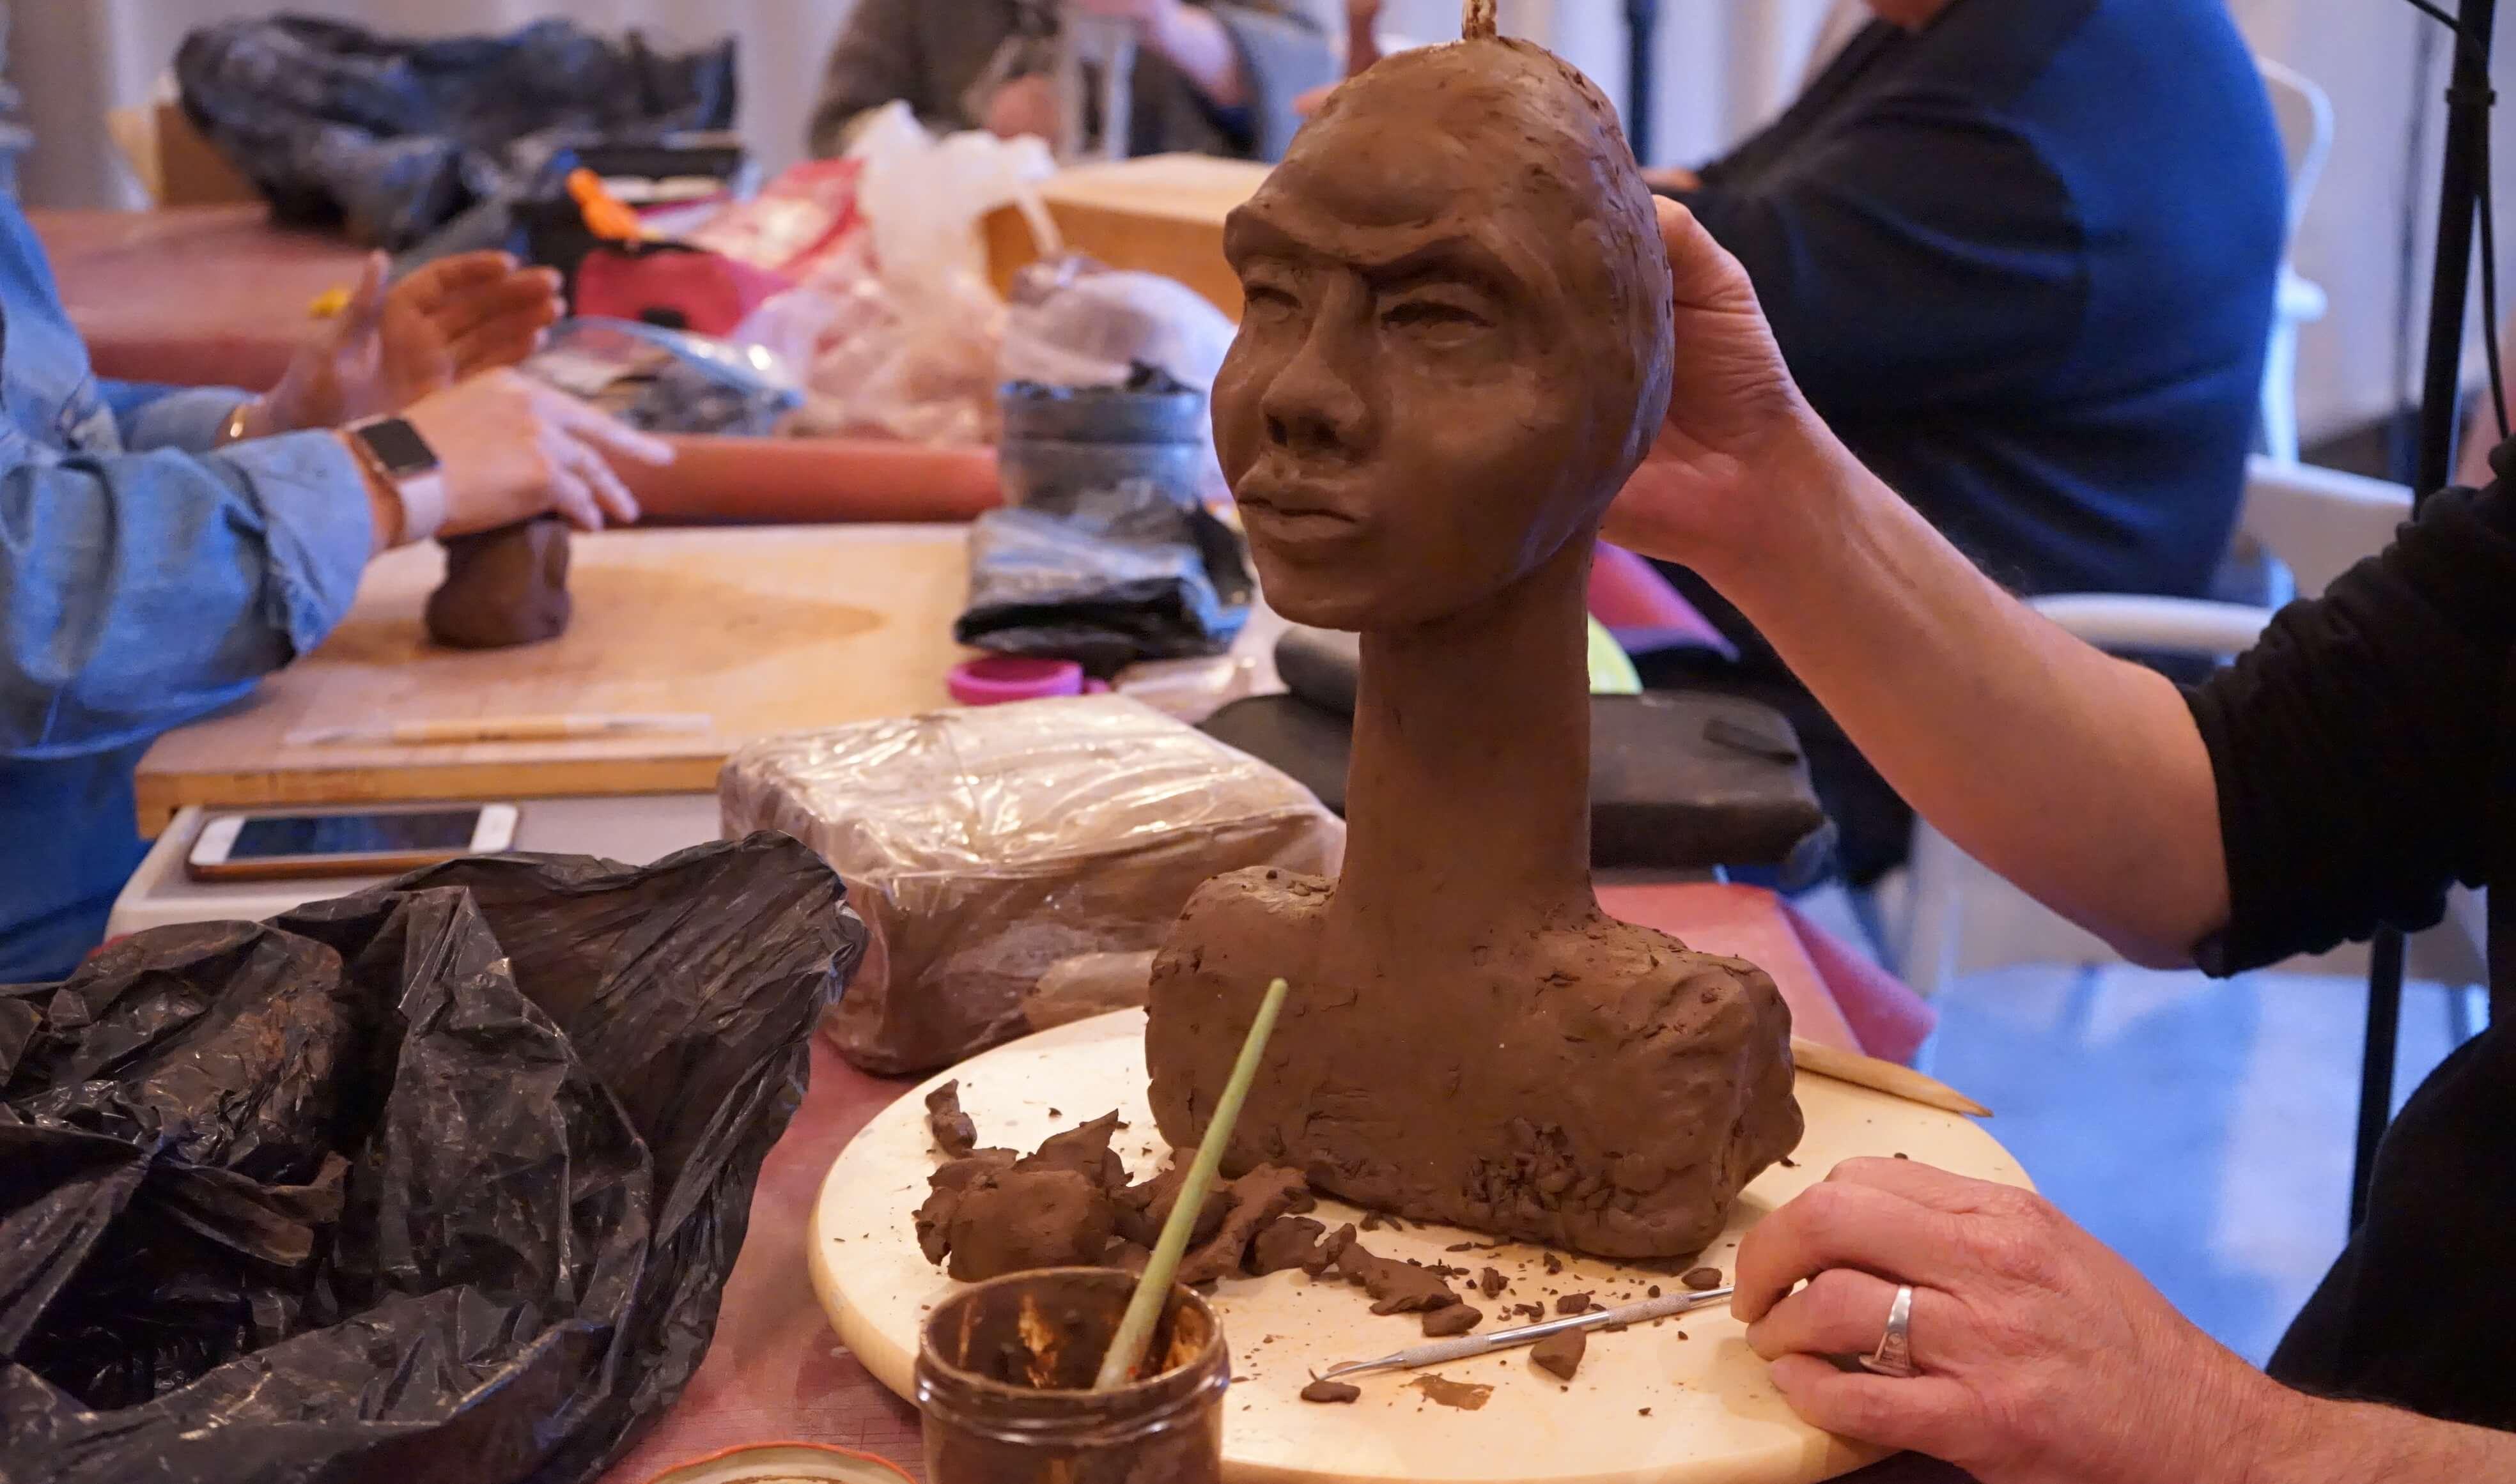 Un homme réalise une sculpture mors de l'atelier modelage en terre.